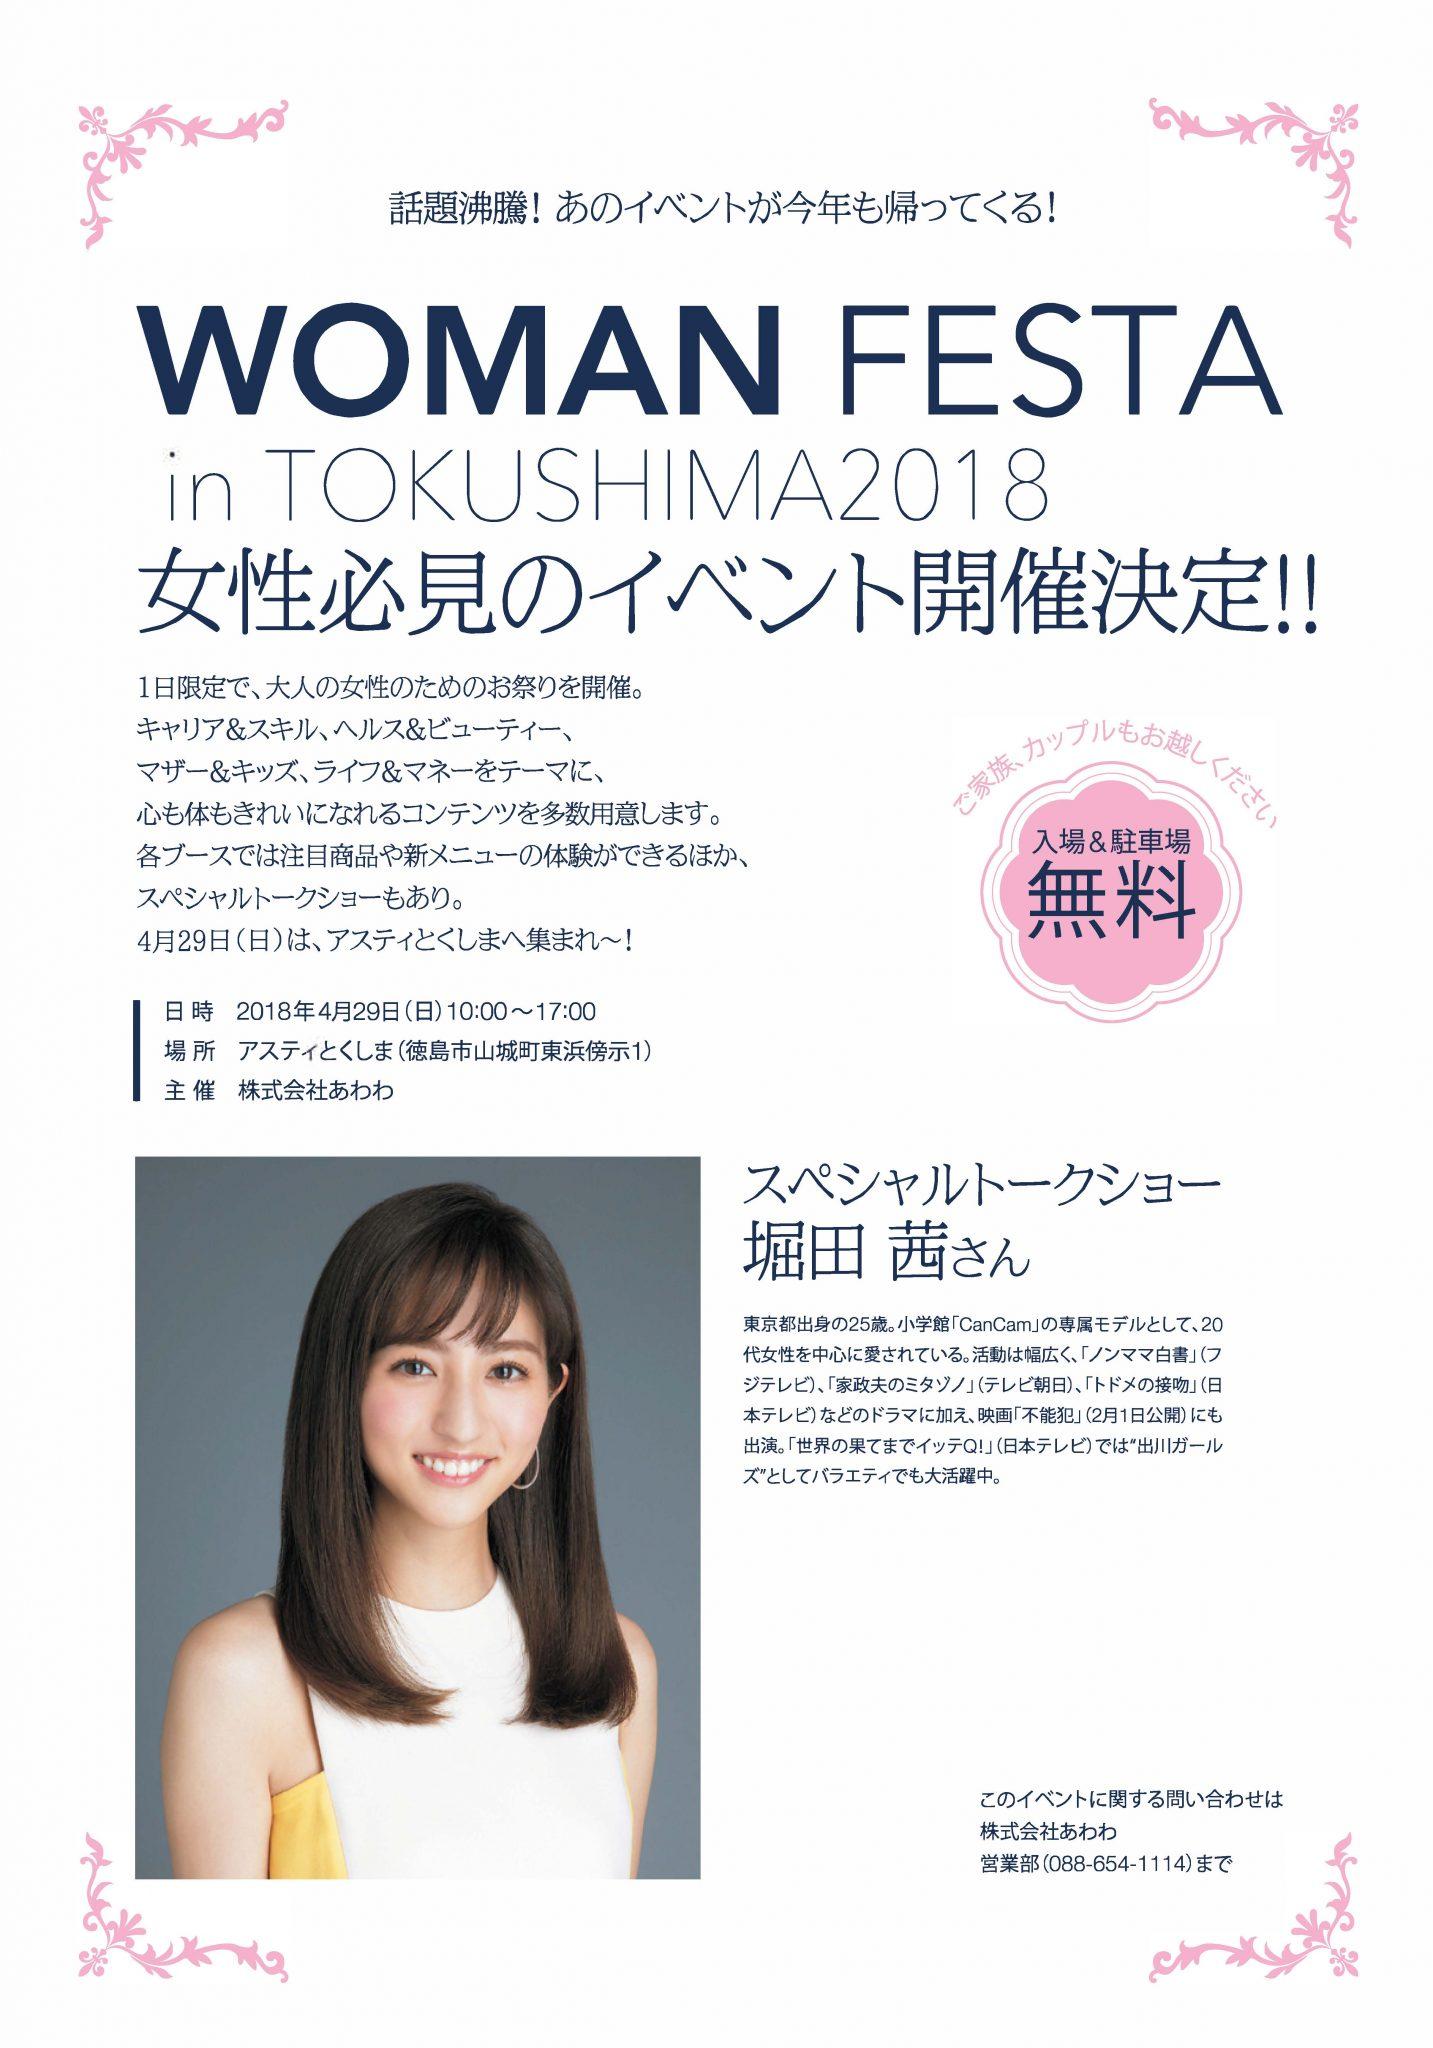 4月29日はウーマンフェスタ! Cancam専属モデル堀田茜さんがスペシャルトークショーに登場